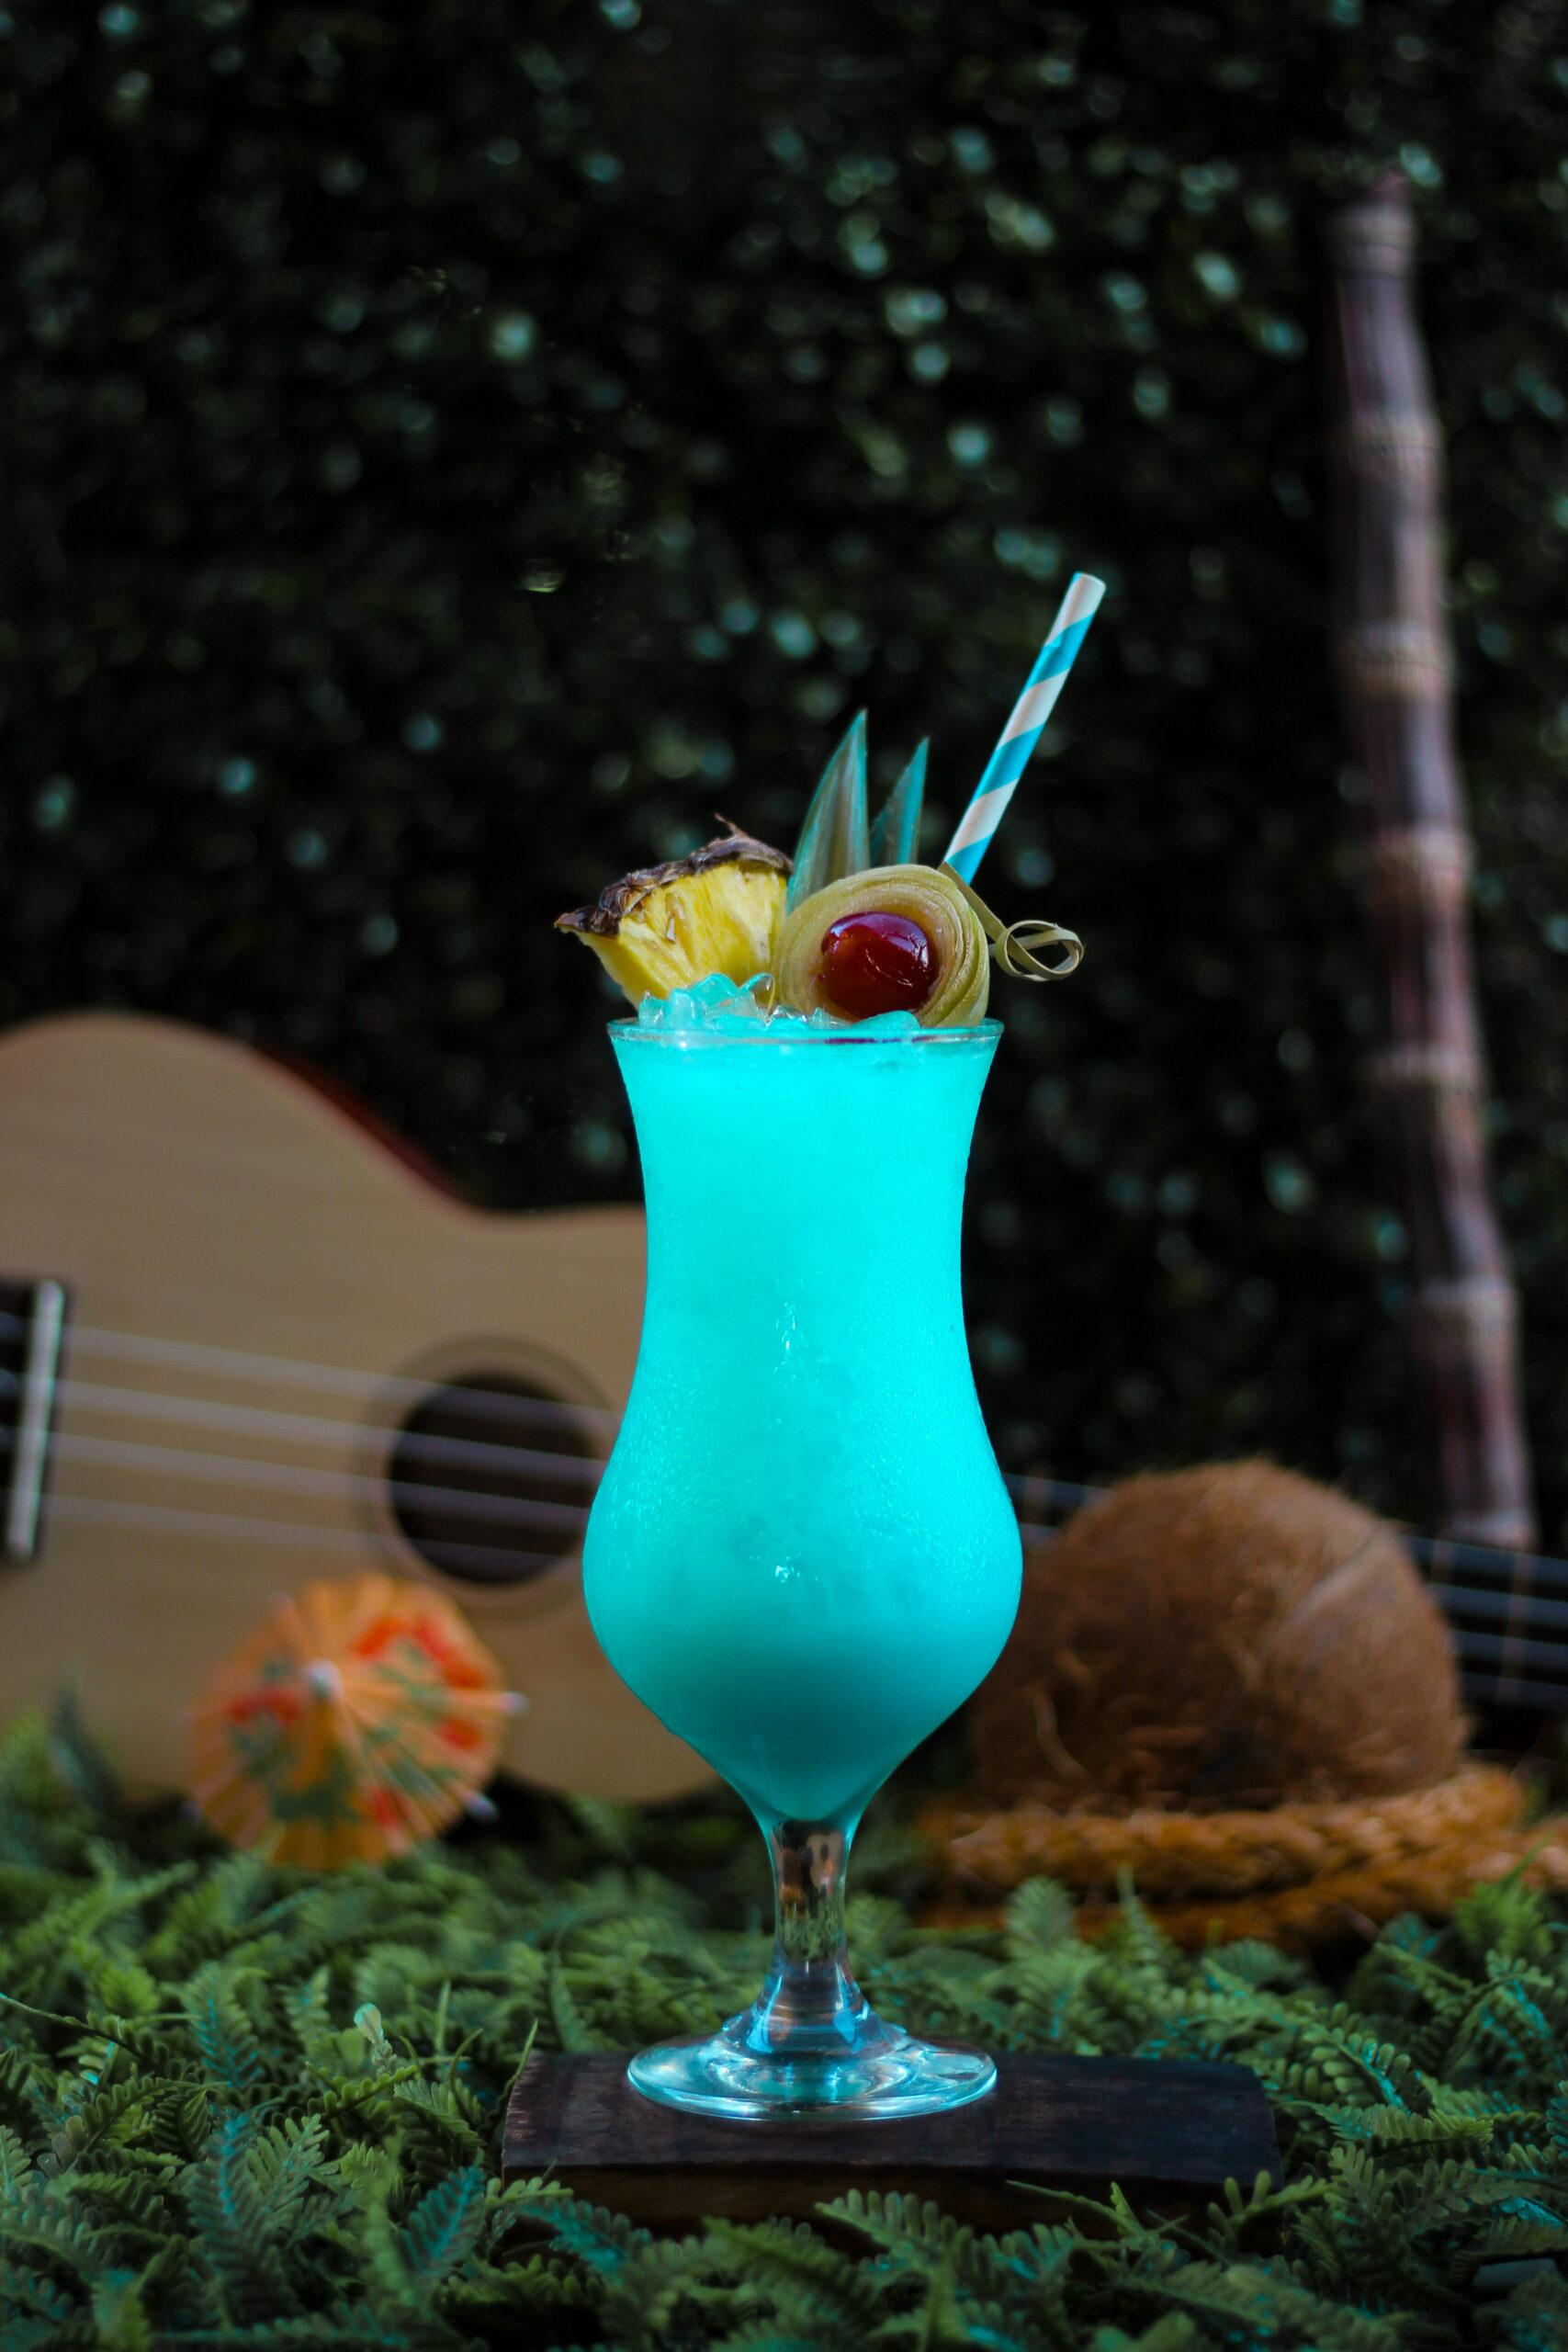 Bebidas con estilo propio: en el Día del Cocktail, aprendemos sobre la experiencia de la coctelería Tiki